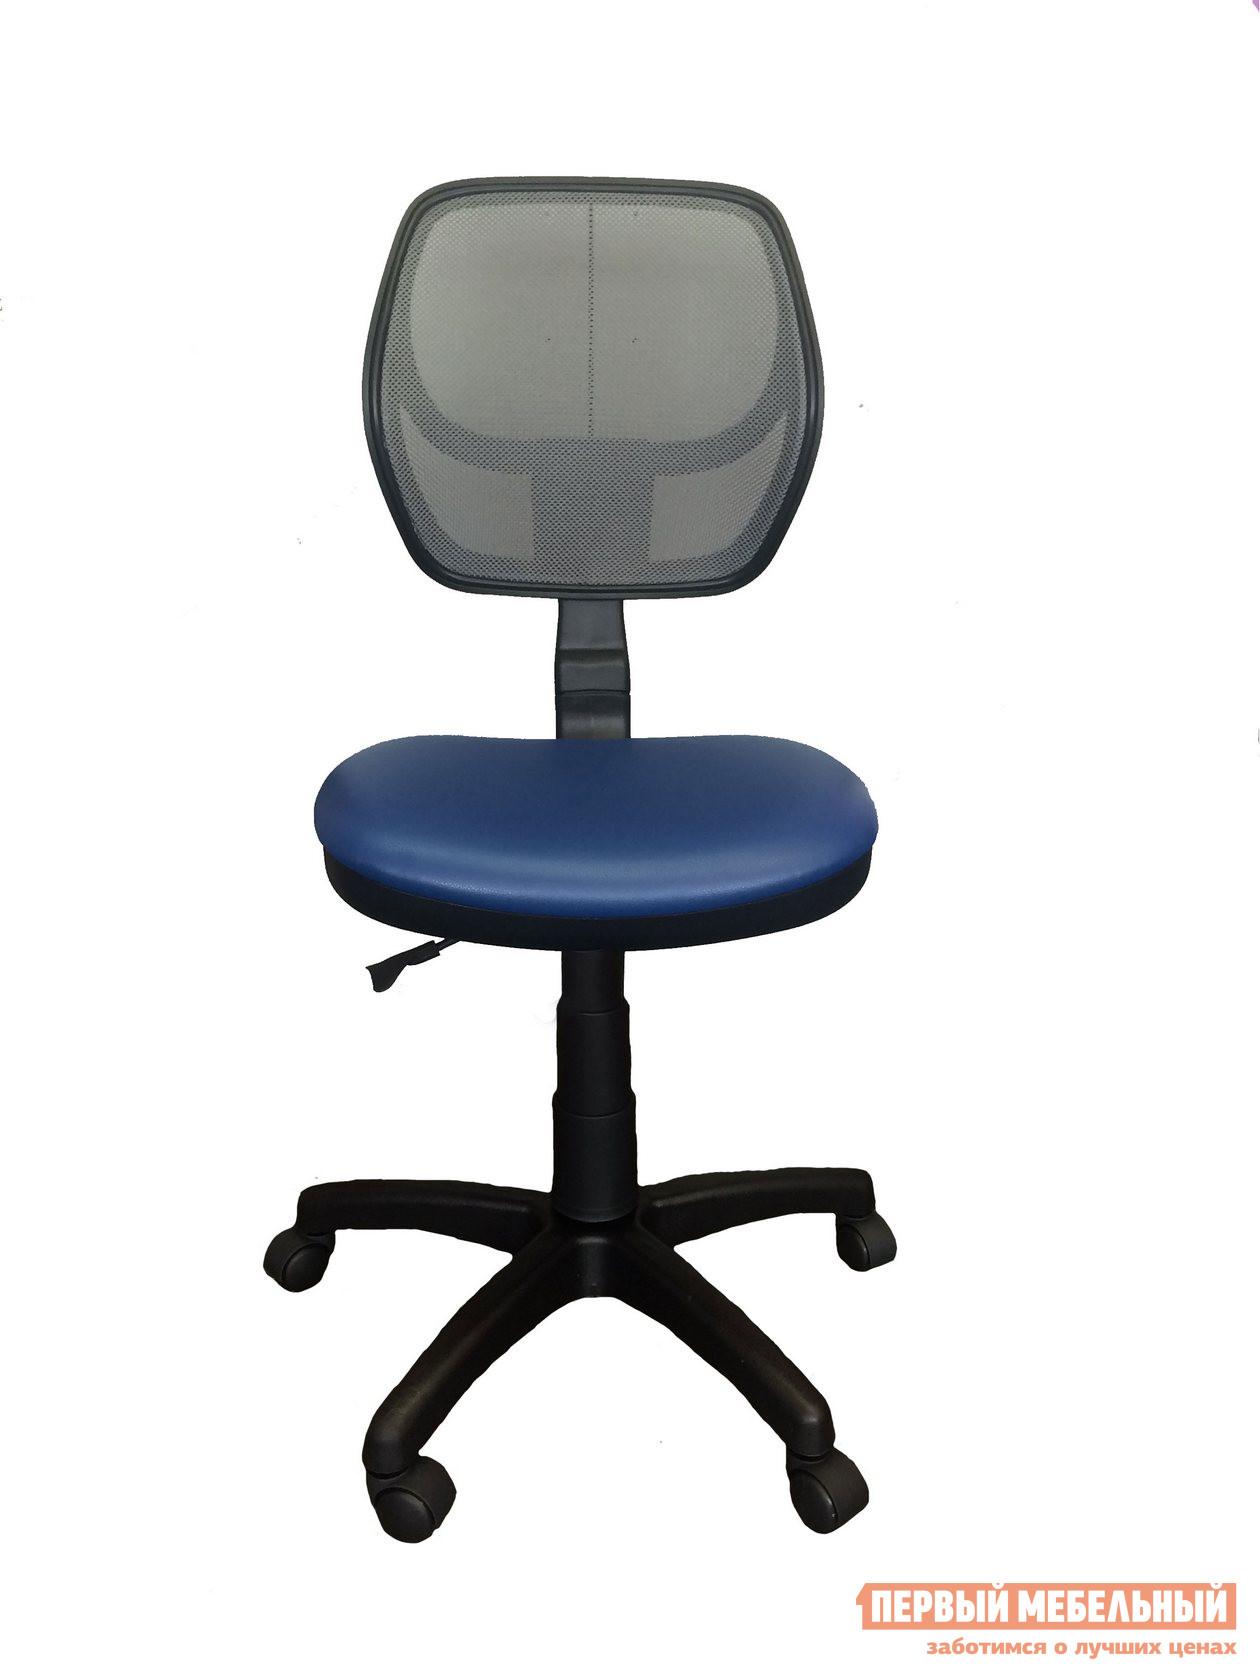 Детское компьютерное кресло Libao LB-C05 Черная сетка / Синий кожзам